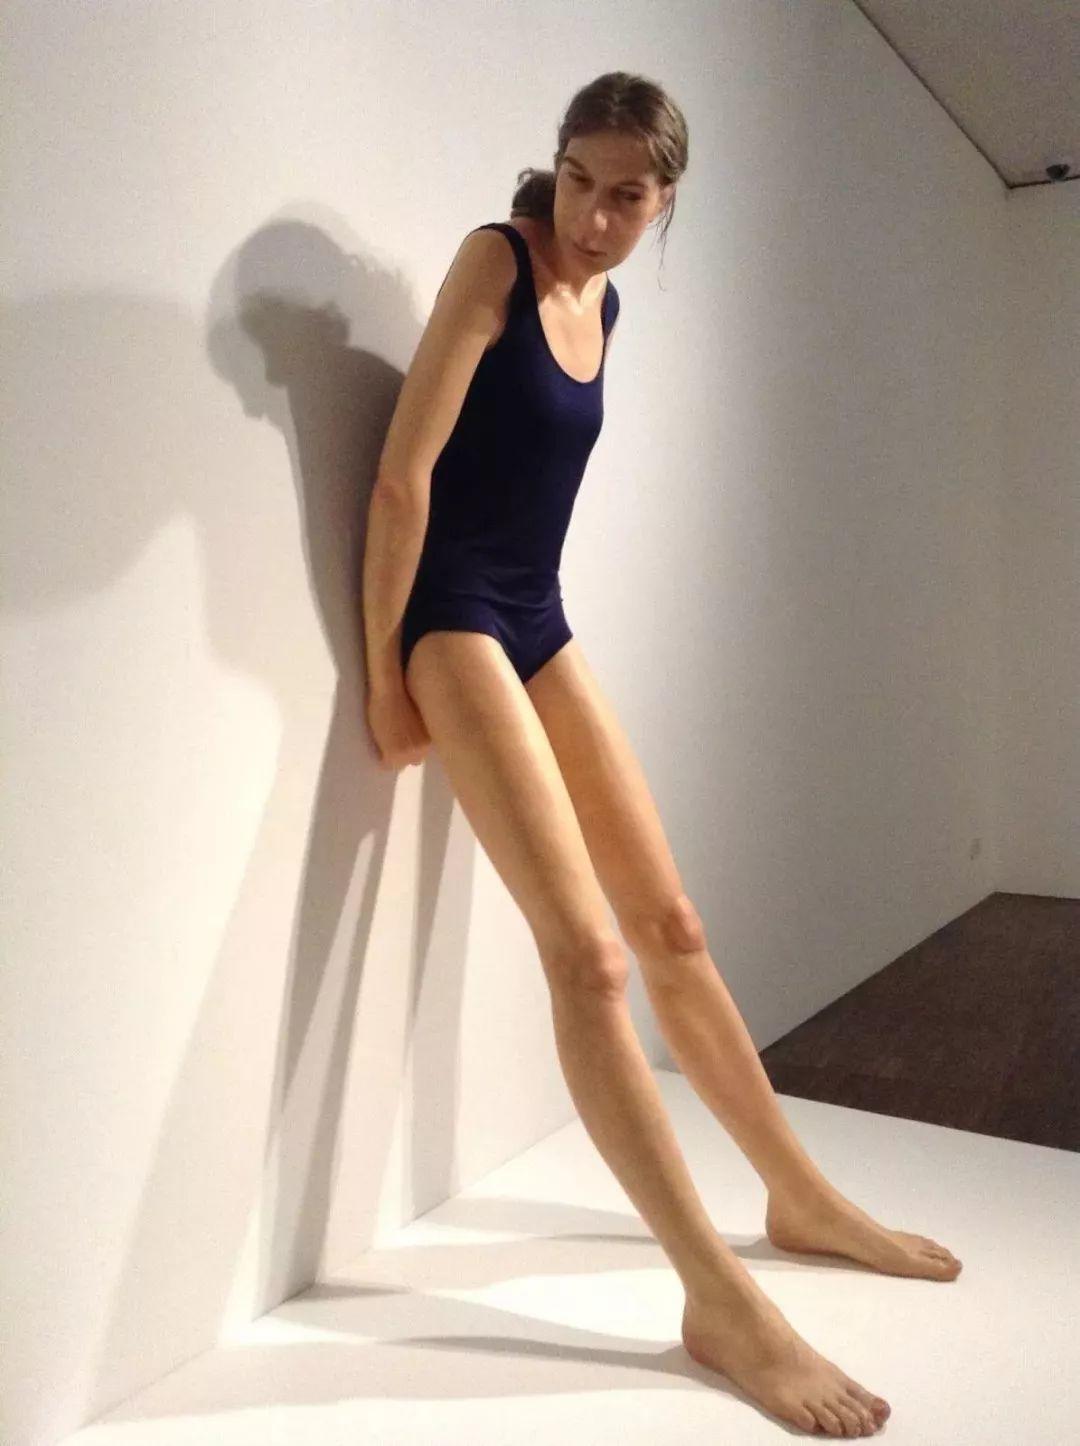 超震撼的人体雕塑,真实到毛骨悚然!插图41